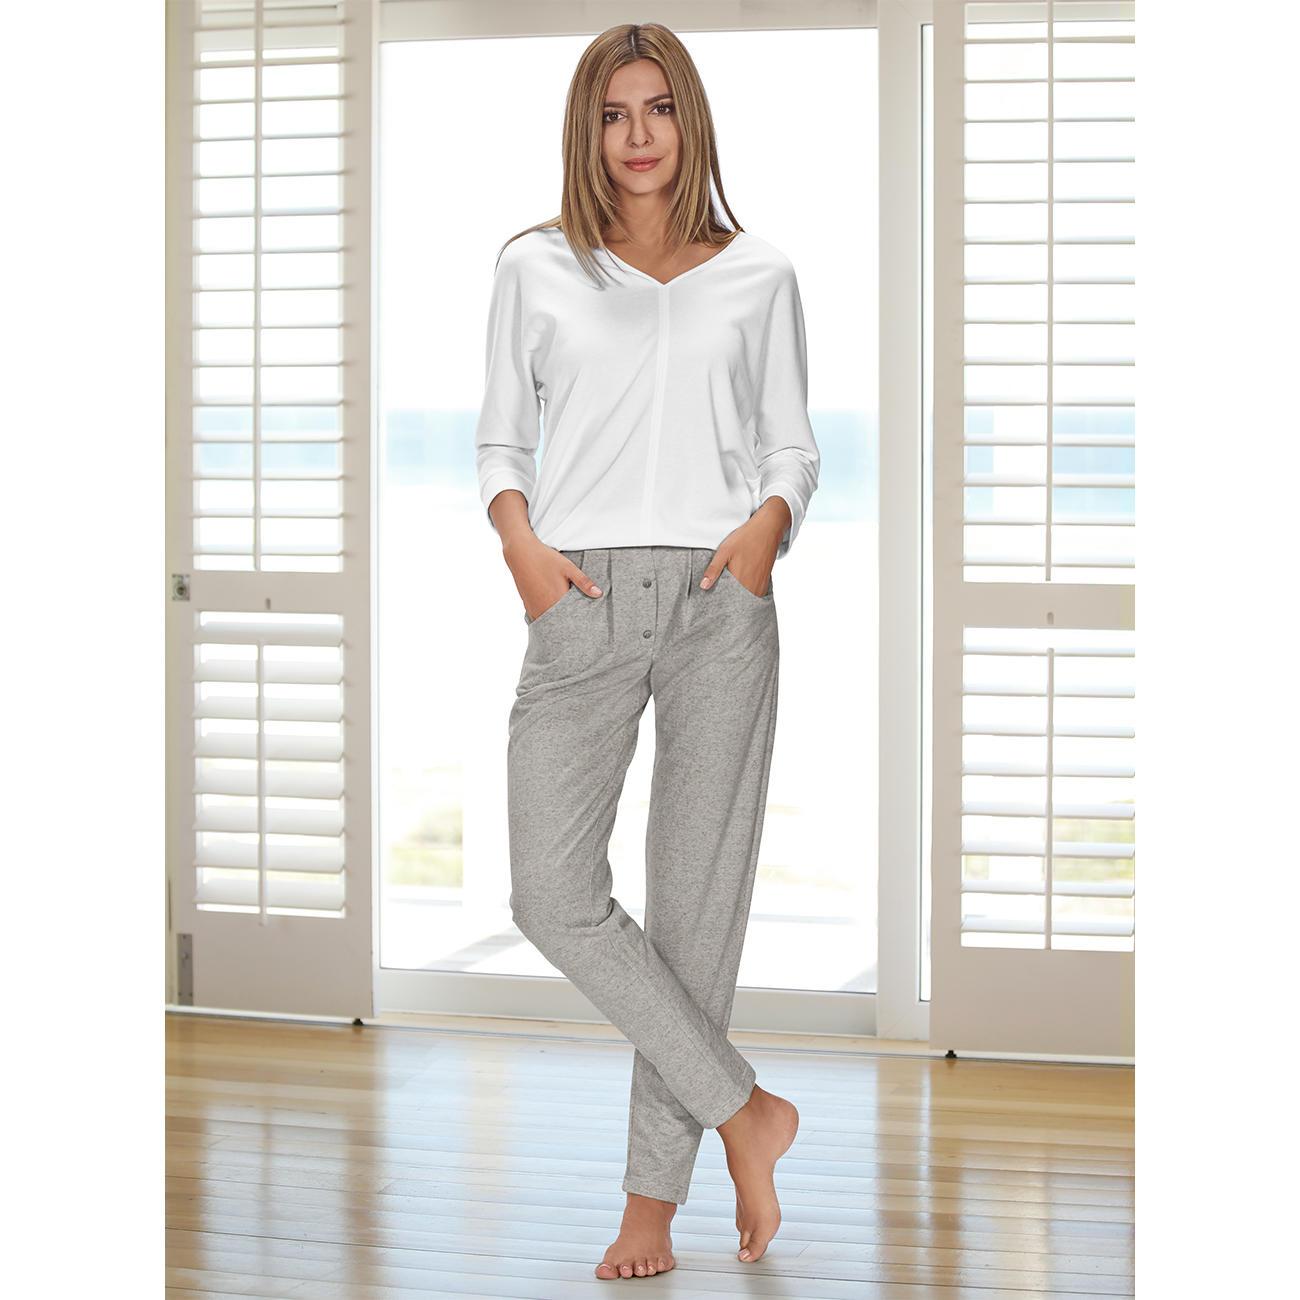 HFor Sweatshirt oder Sweat-Pants, 36/38 - Weiß - Sweatshirt :: Weiß - 36/38 -  - Erwachsene